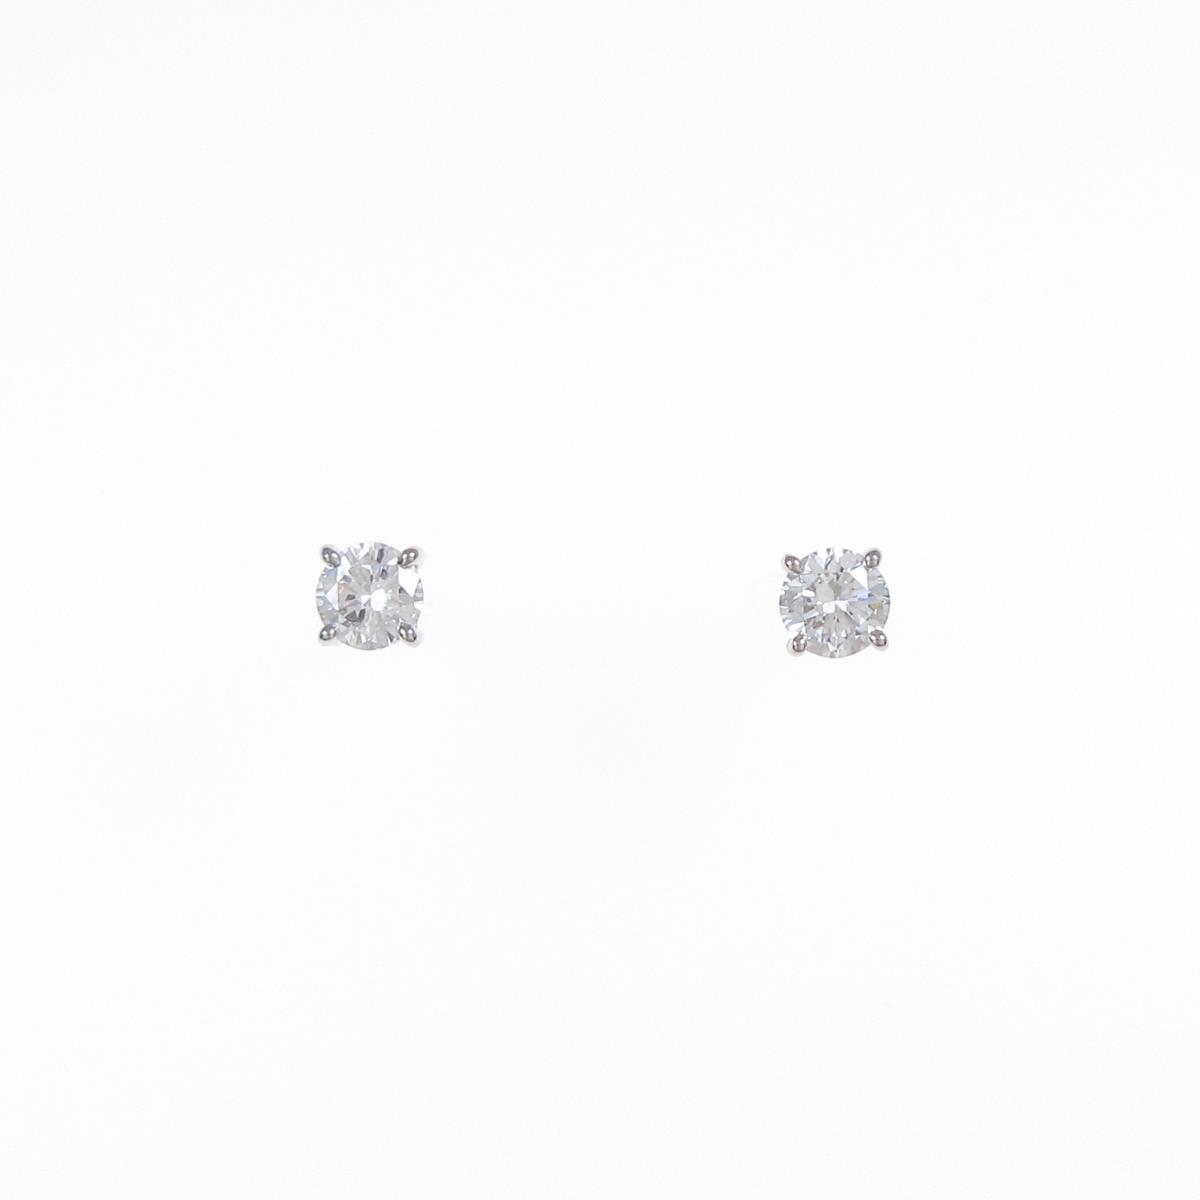 プラチナダイヤモンドピアス 0.200ct・0.236ct・G・VS2・GOOD【中古】